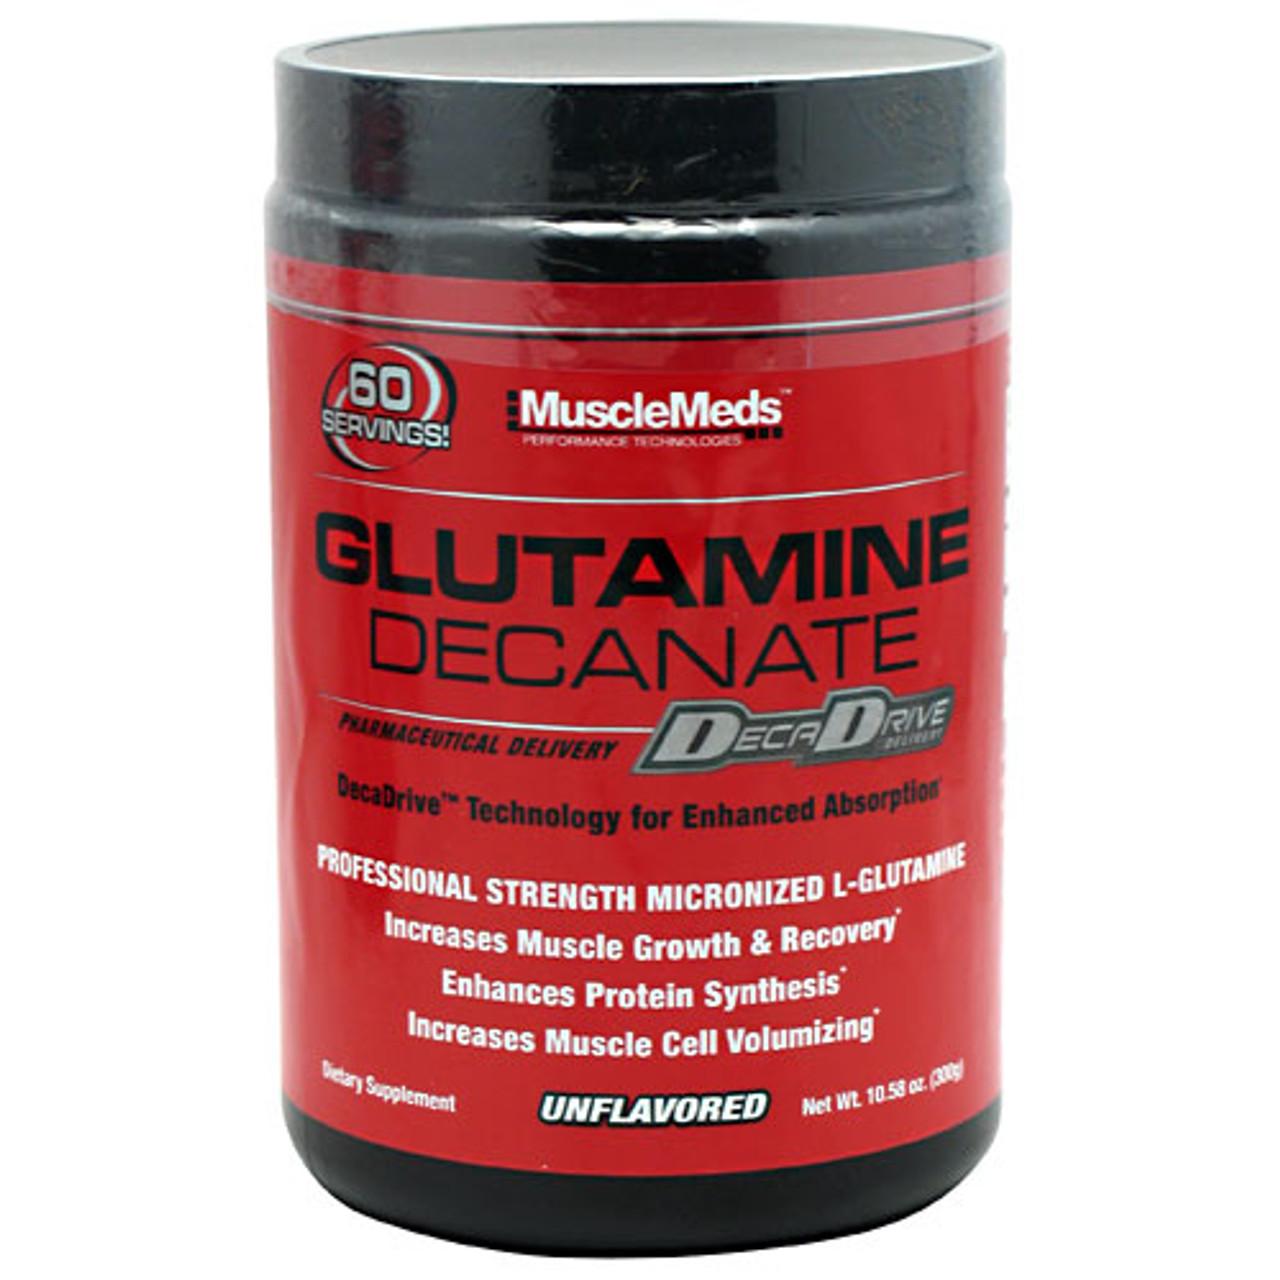 Glutamine Decanate 10oz Muscle Meds